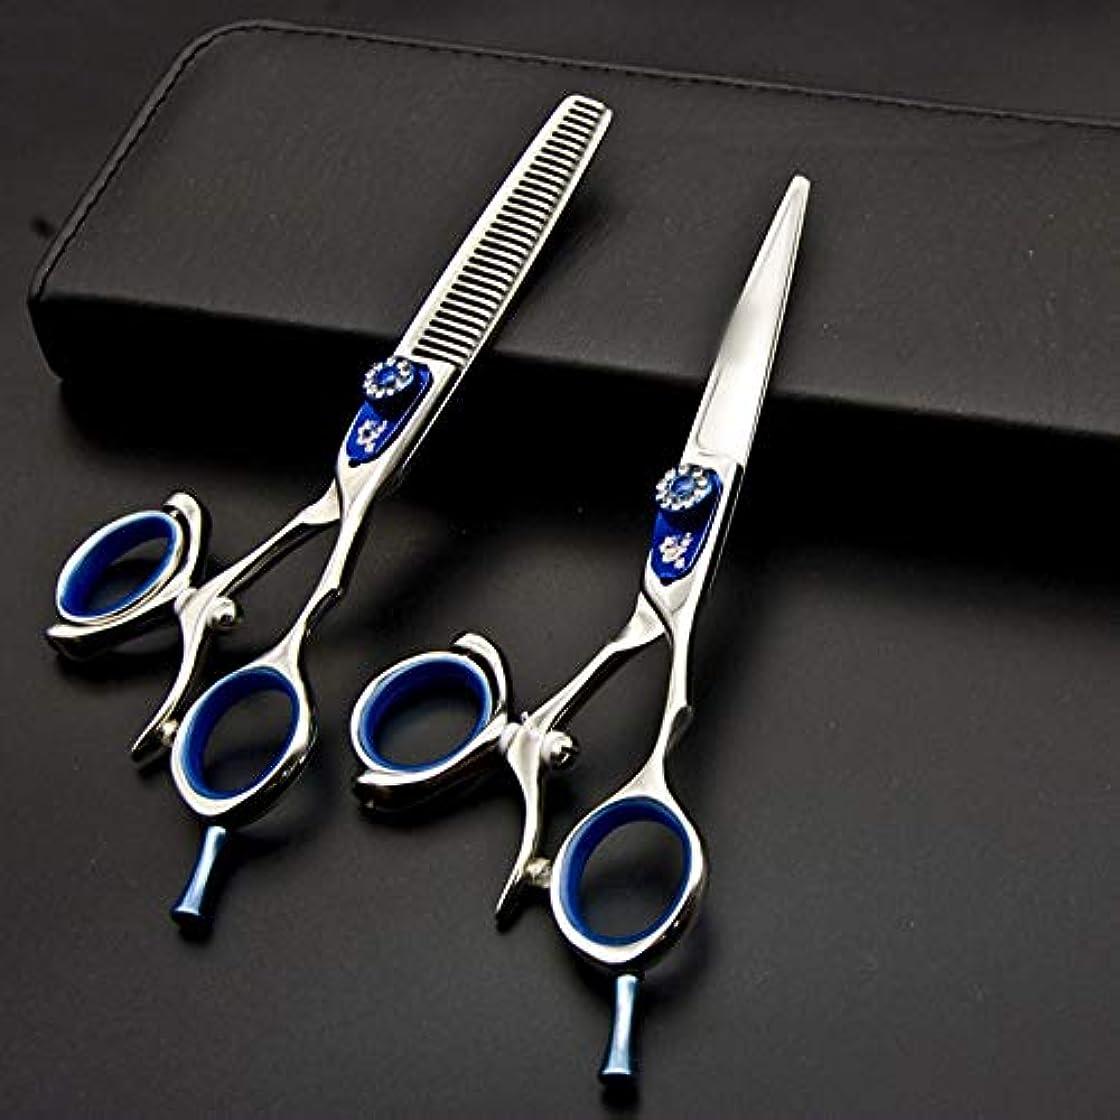 維持する逃げるアフリカWASAIO 美容のプロフェッショナルヘアカット口ひげトリミングサプリメント薄毛クリッピングはさみシアーズキット理容サロンレイザーエッジツールは、6インチのせん断します (色 : 青)